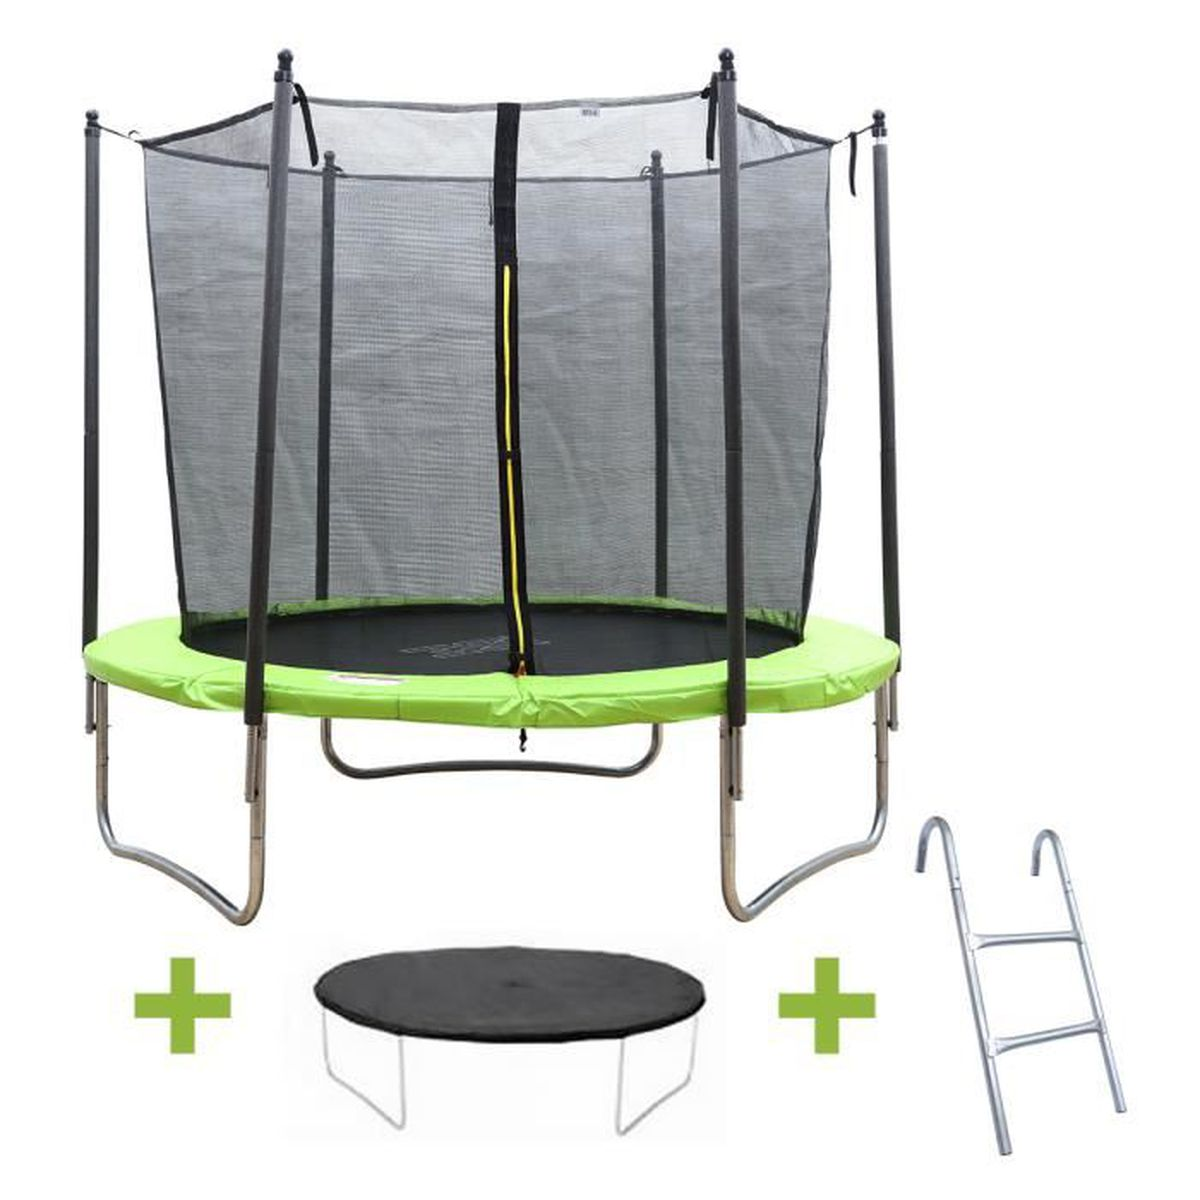 ise trampoline 10 ft 6 pied rond avec filet de protection et son echelle prix pas cher cdiscount. Black Bedroom Furniture Sets. Home Design Ideas